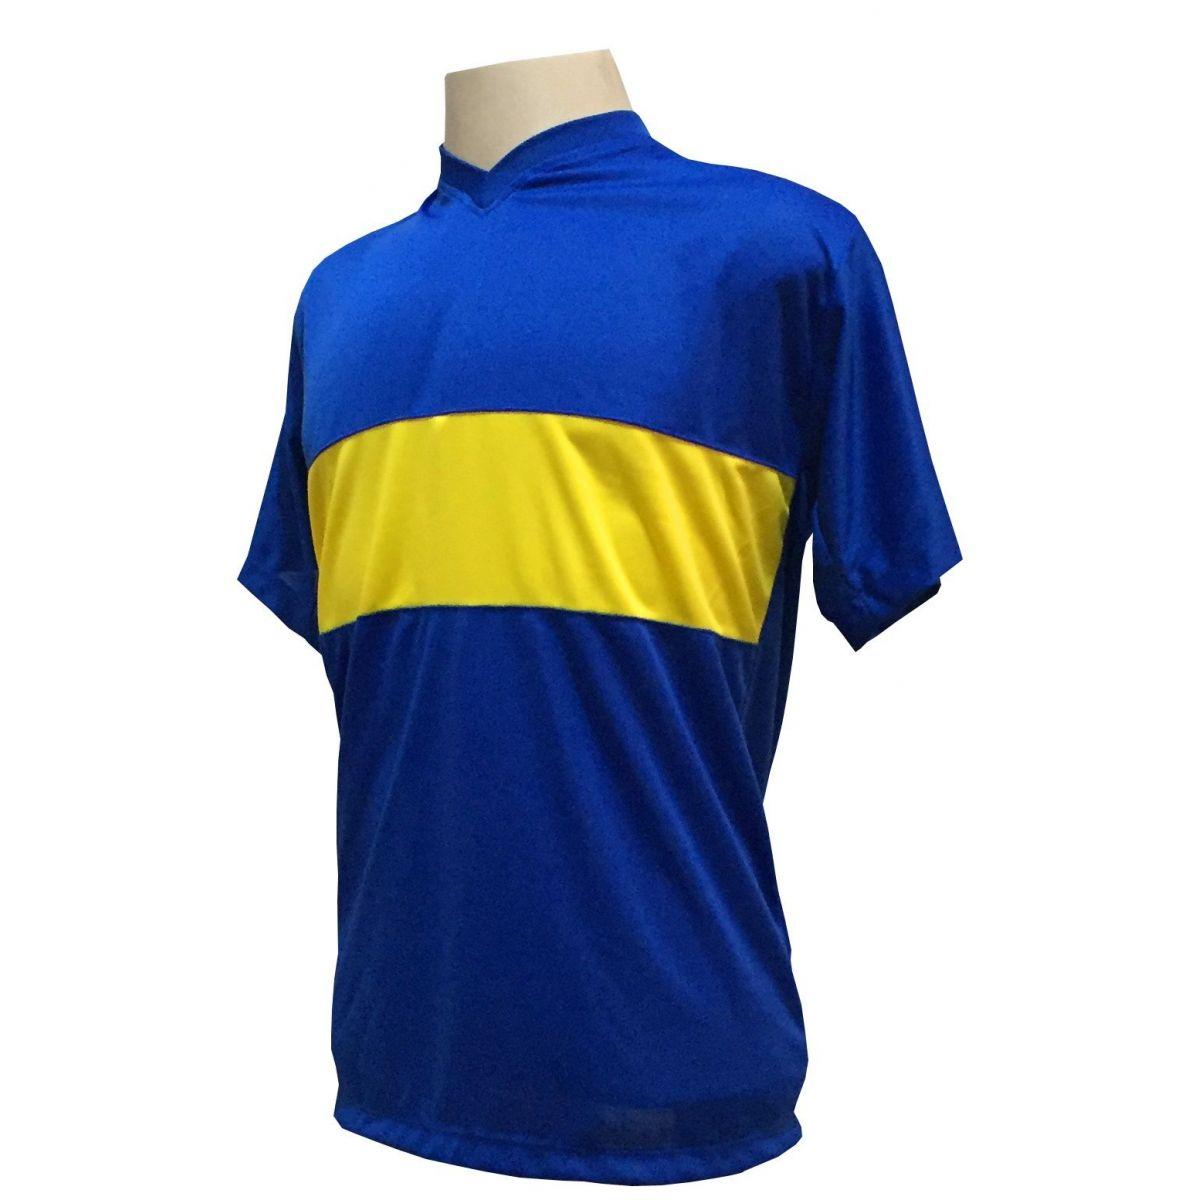 Uniforme Esportivo com 14 camisas modelo Boca Juniors Royal/Amarelo + 14 calções modelo Madrid Royal + Brindes